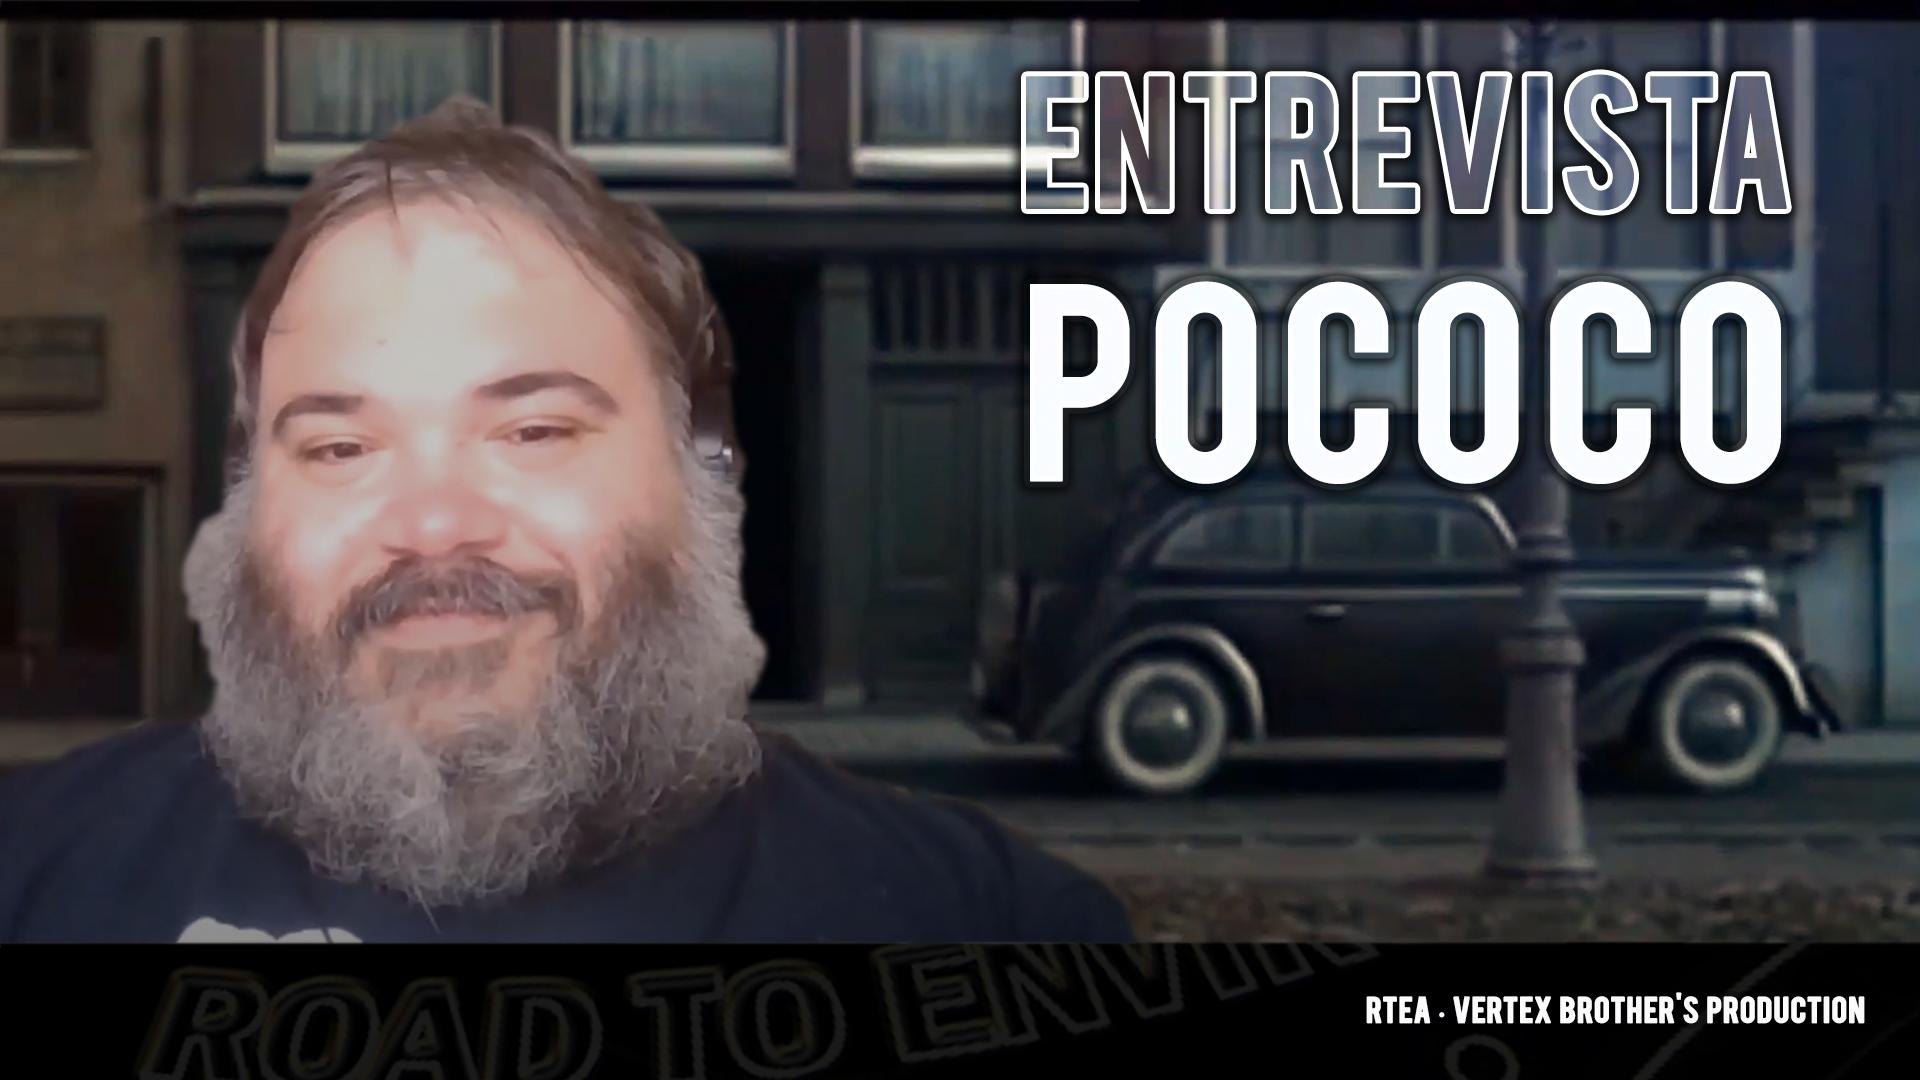 Entrevista POCOCO